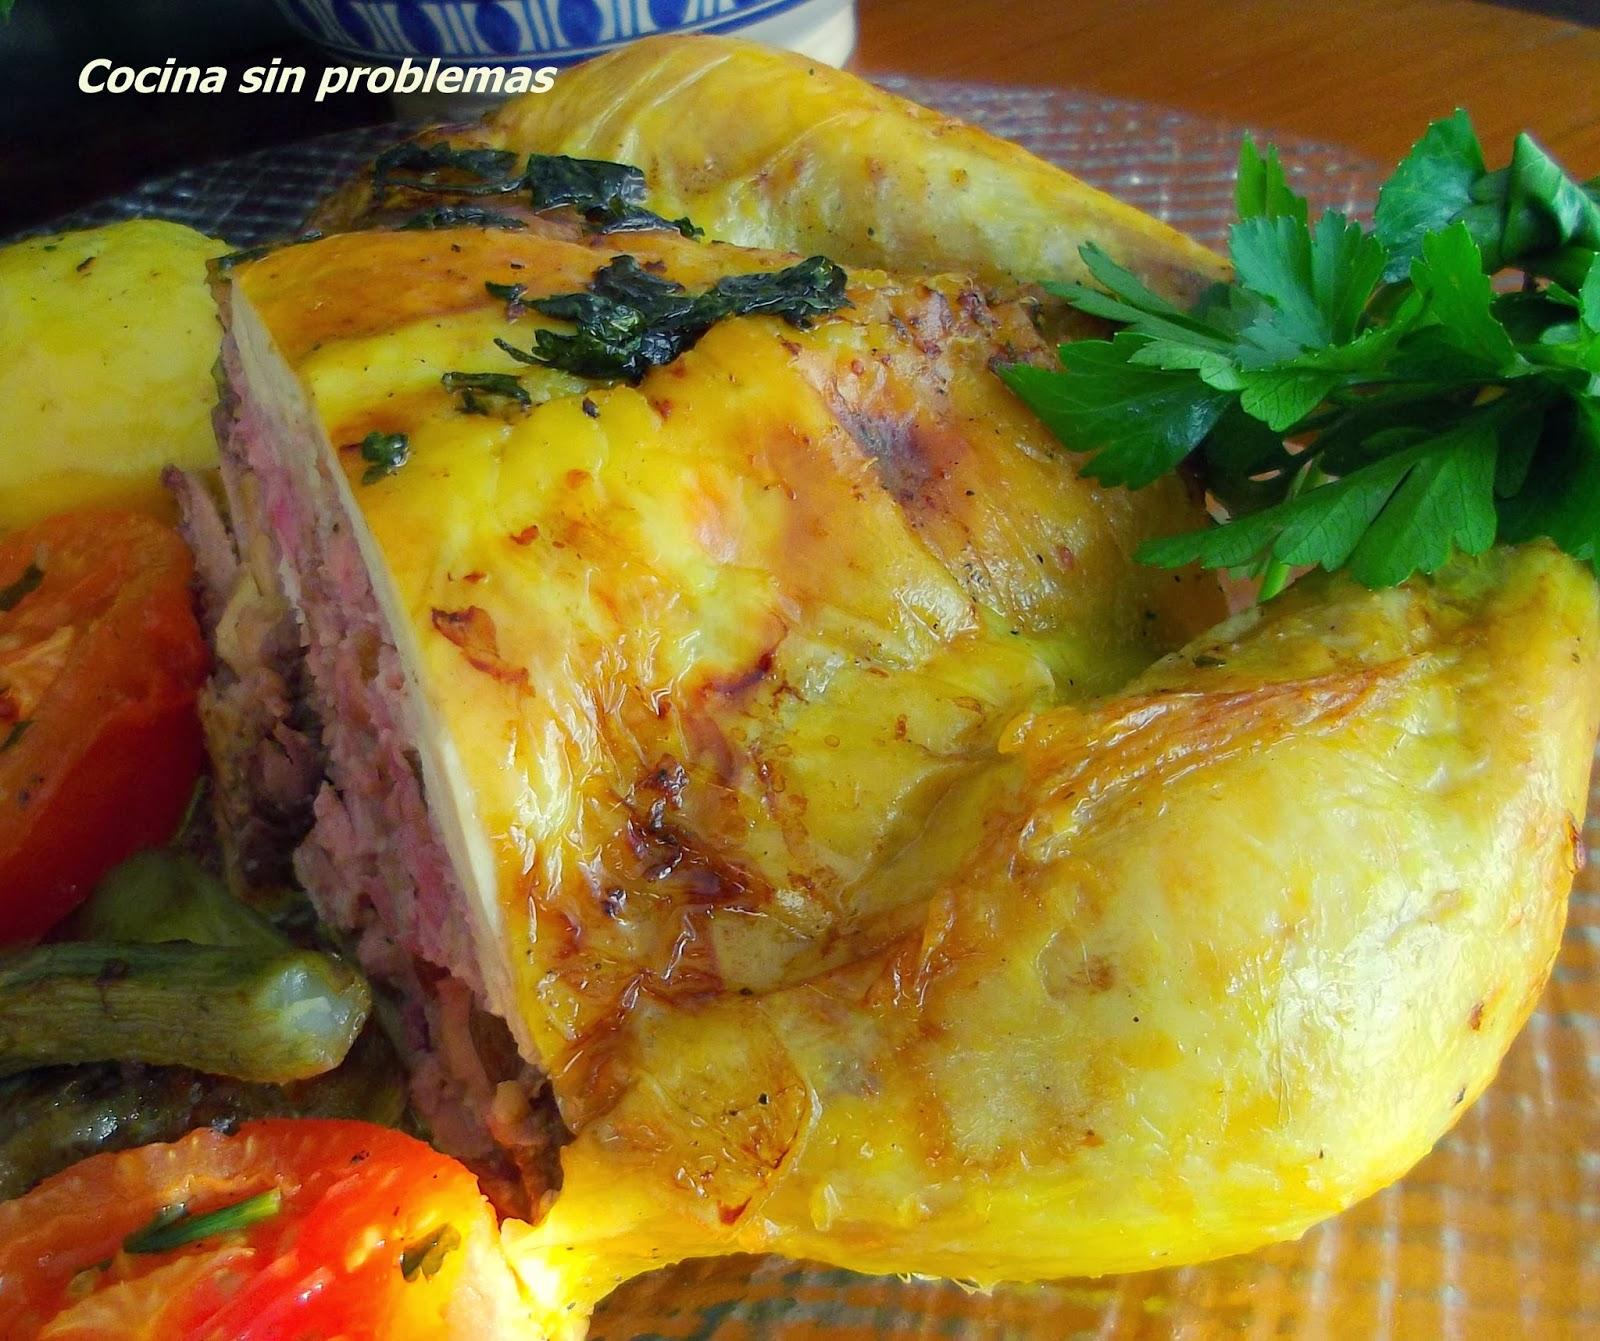 Como Cocinar Pollo Relleno Al Horno | Cocina Sin Problemas Pollo Relleno Al Horno